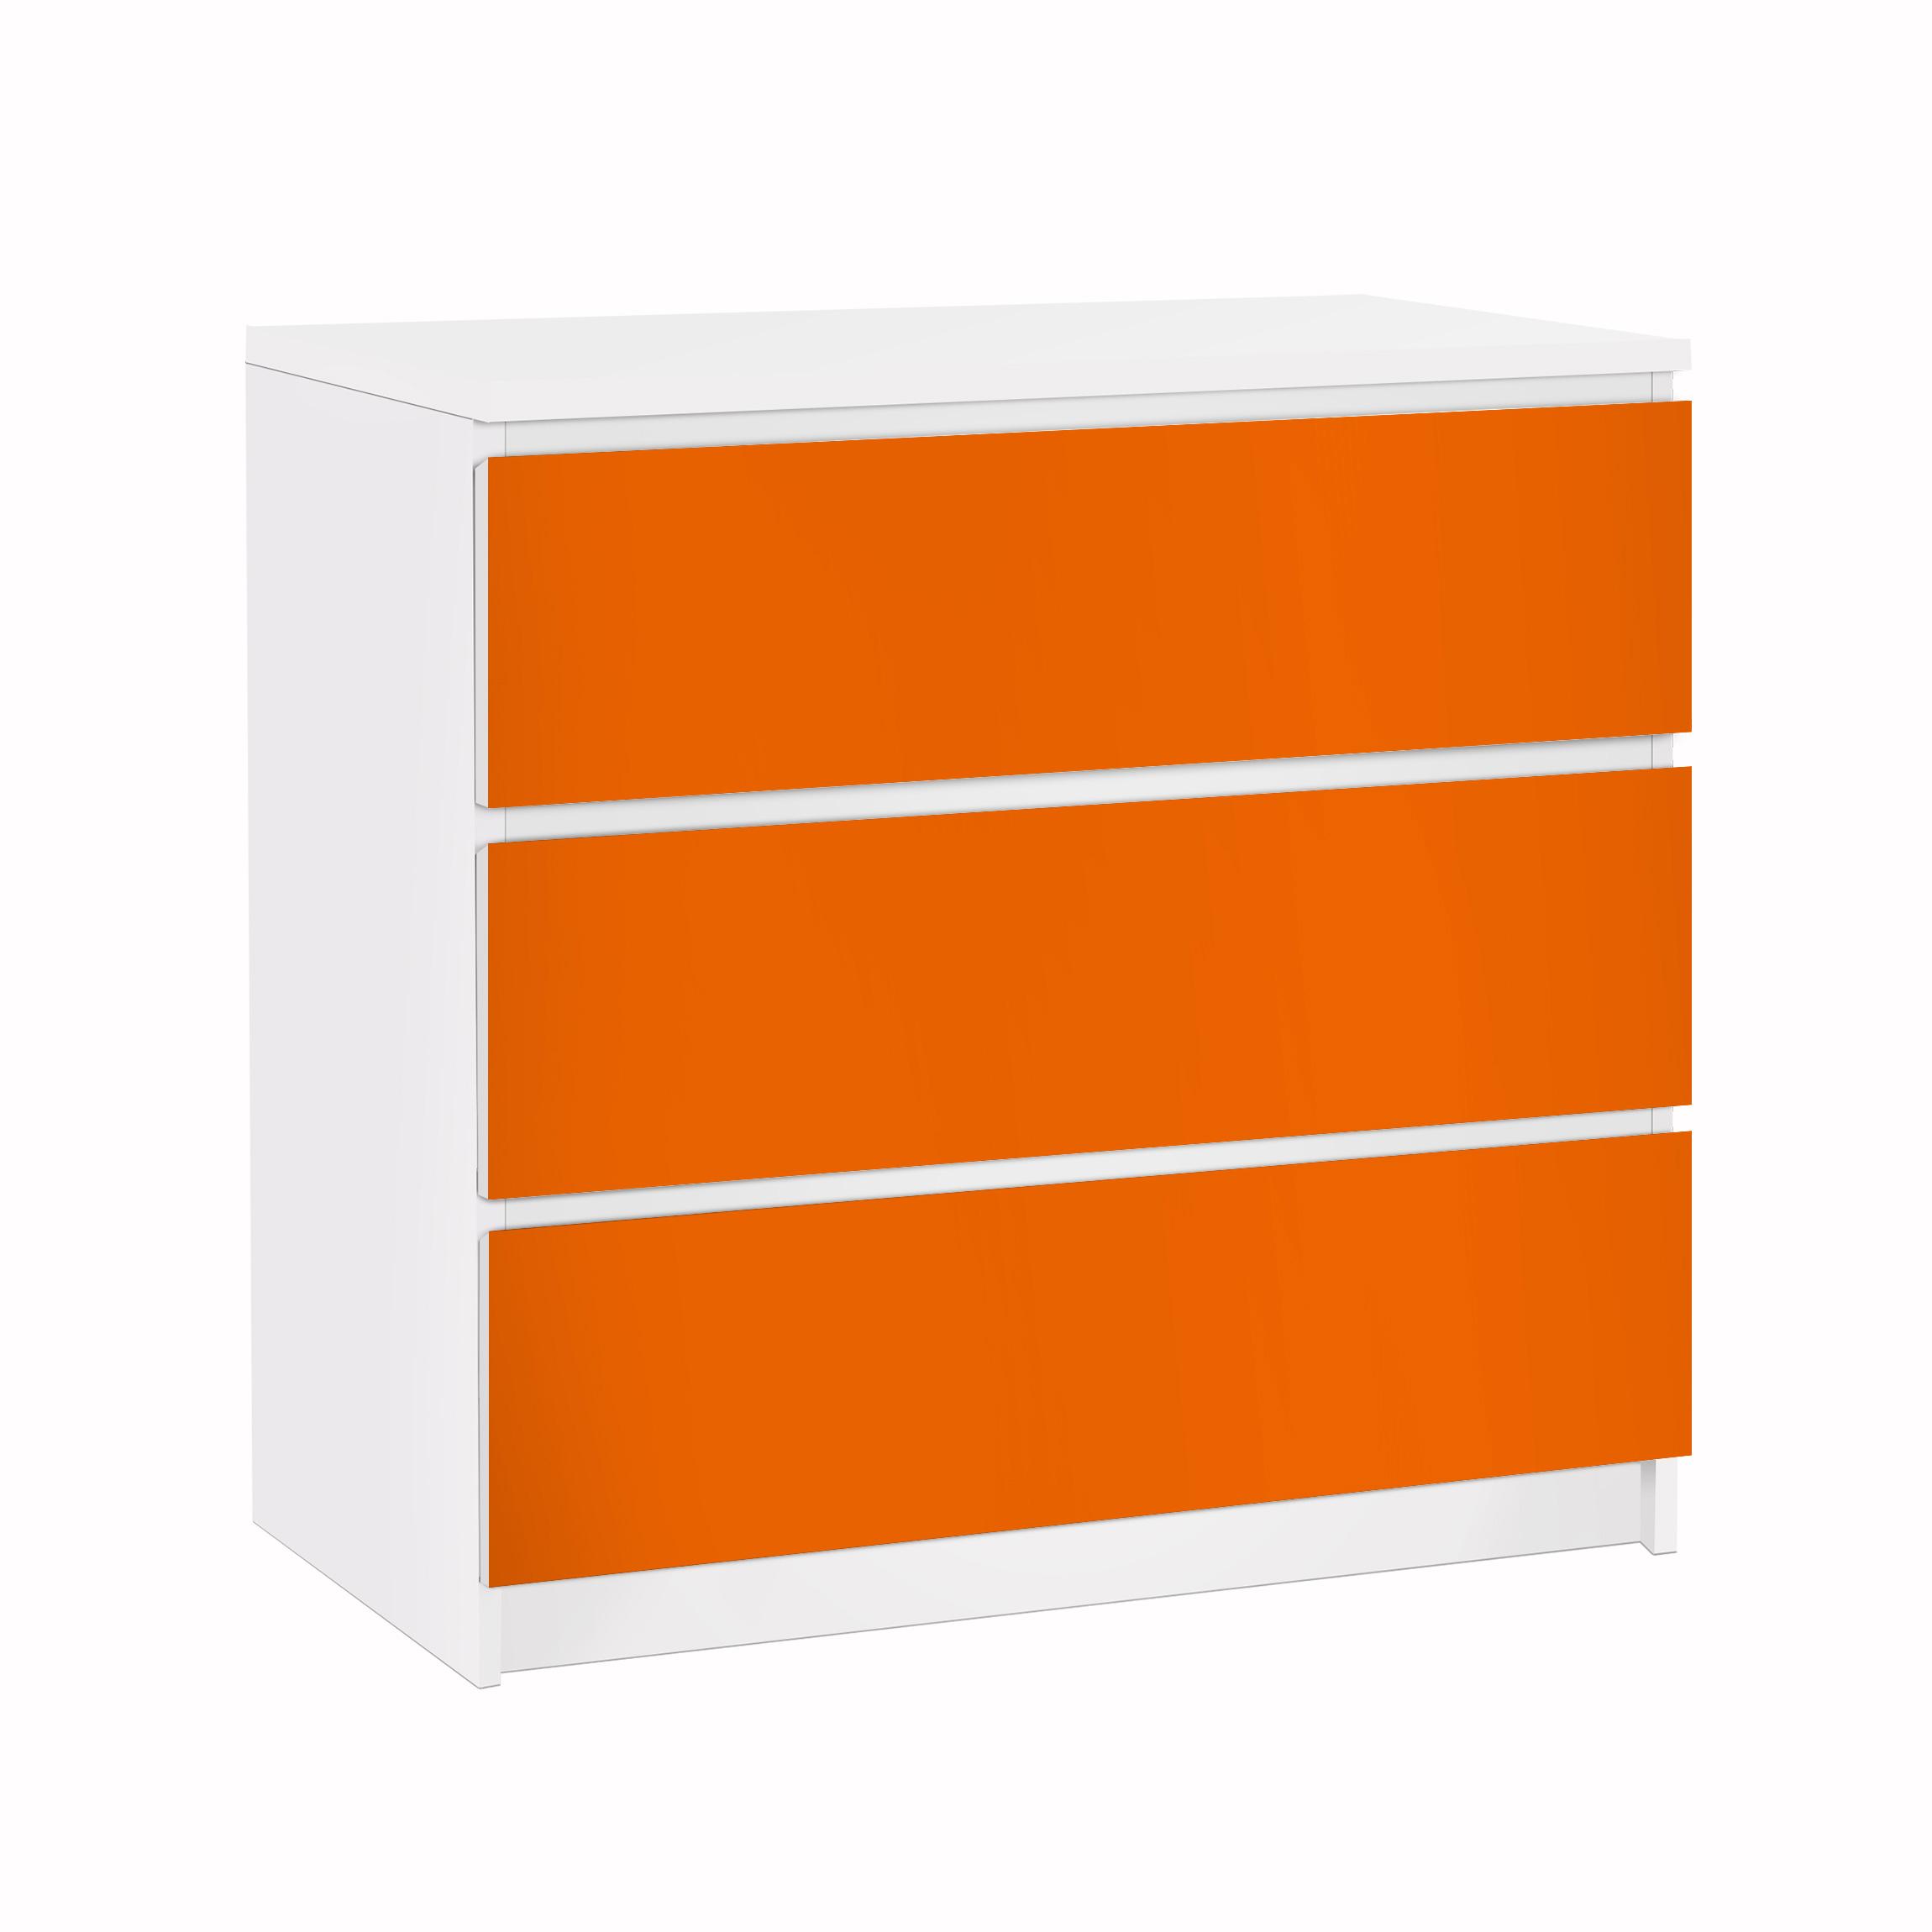 Full Size of Mbelfolie Ikea Kommode Selbstklebefolie Design Orange Küche Kaufen Sofa Mit Schlaffunktion Kosten Miniküche Modulküche Betten 160x200 Bei Wohnzimmer Küchenrückwände Ikea